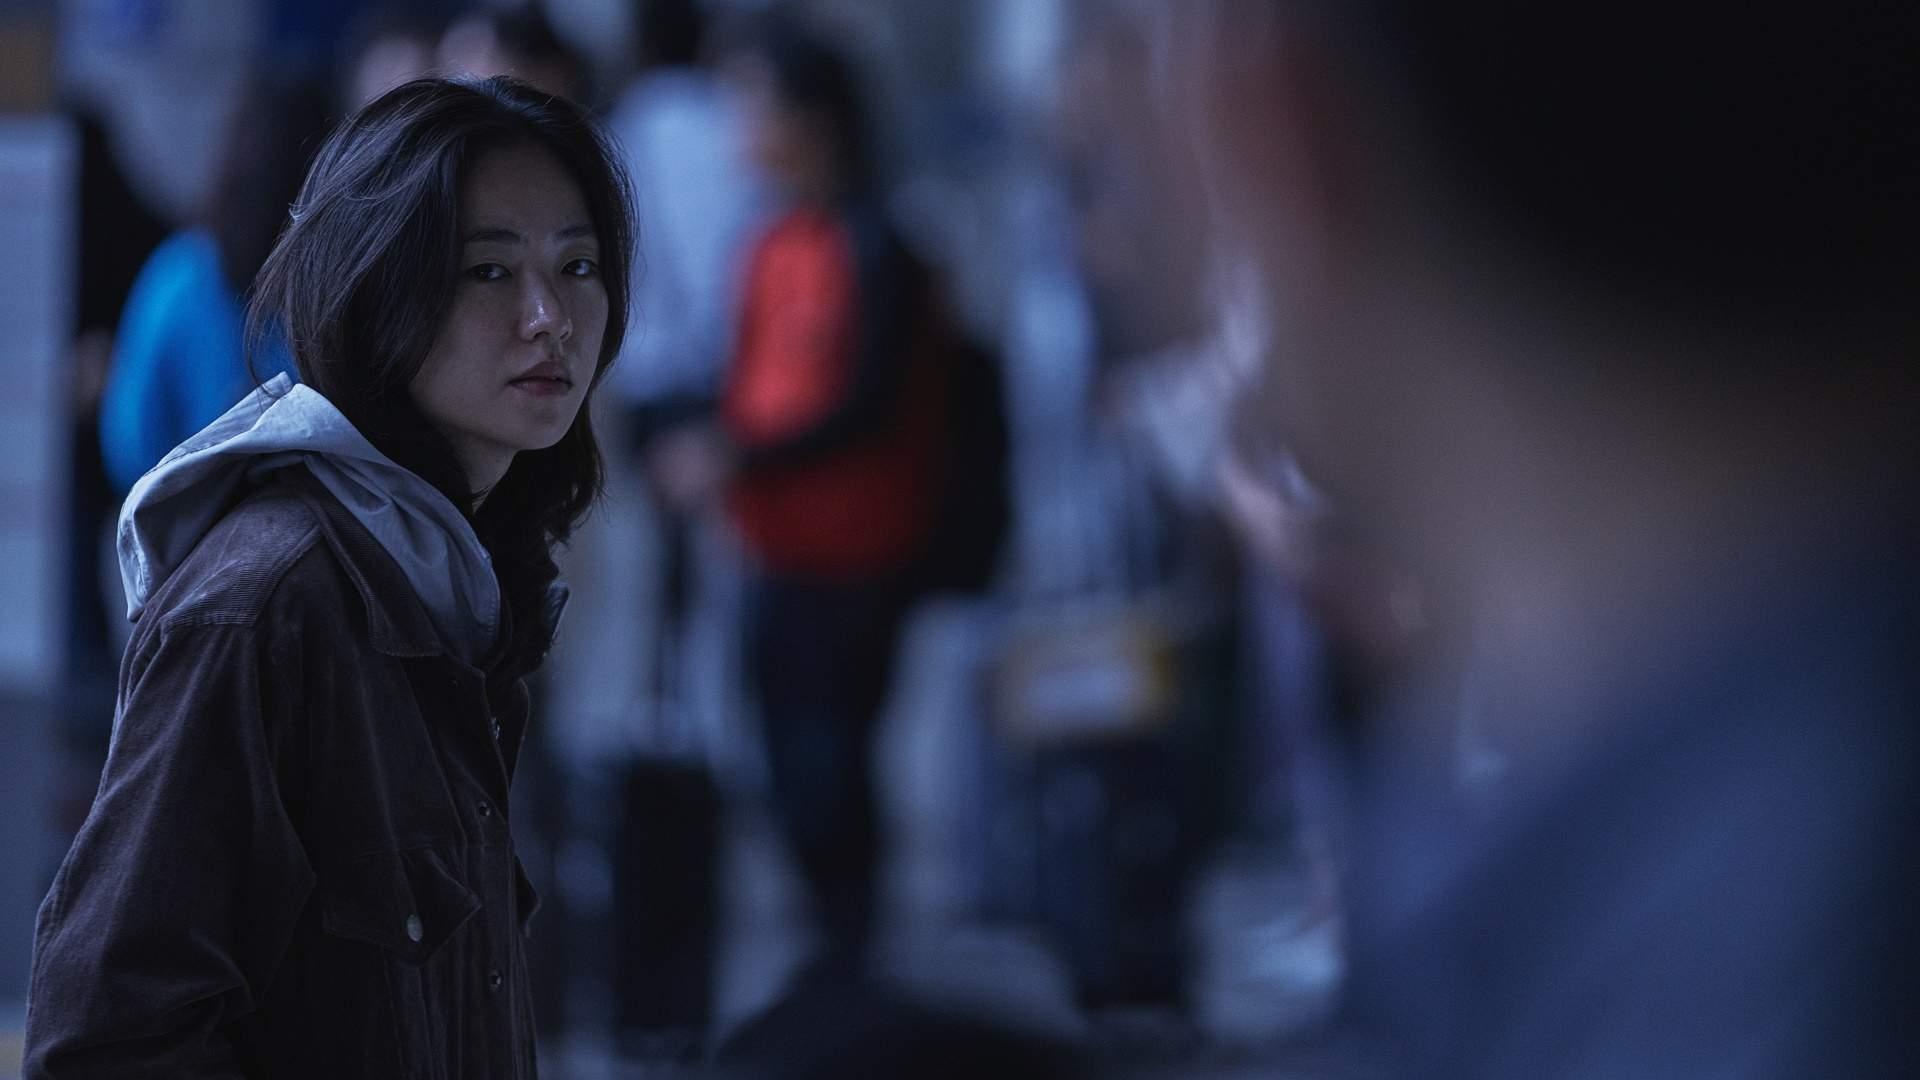 Yeo-bin Jeon in Night in Paradise